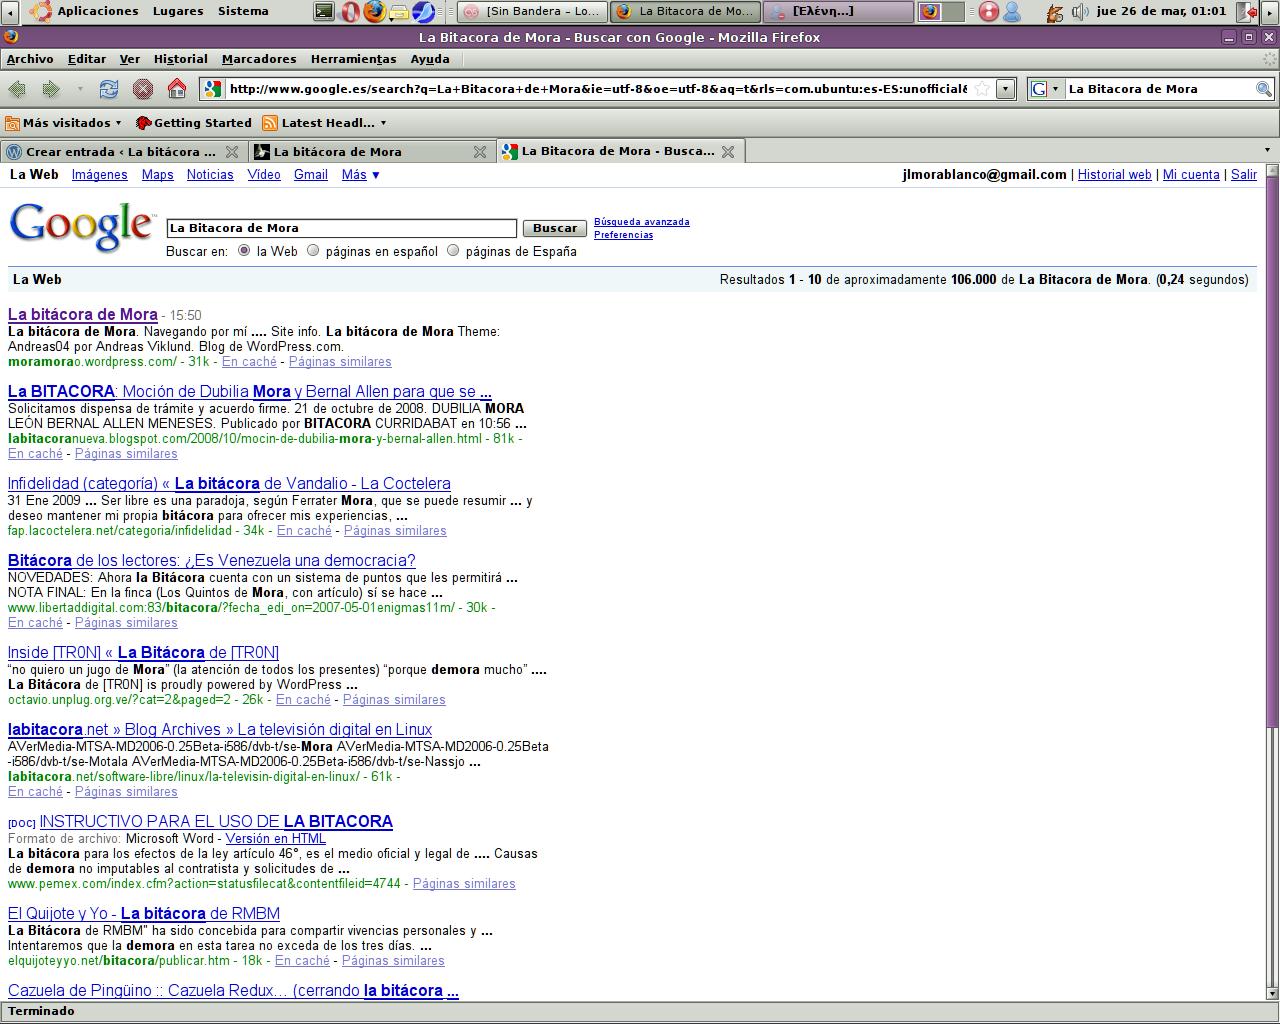 La bitacora de Mora en Google